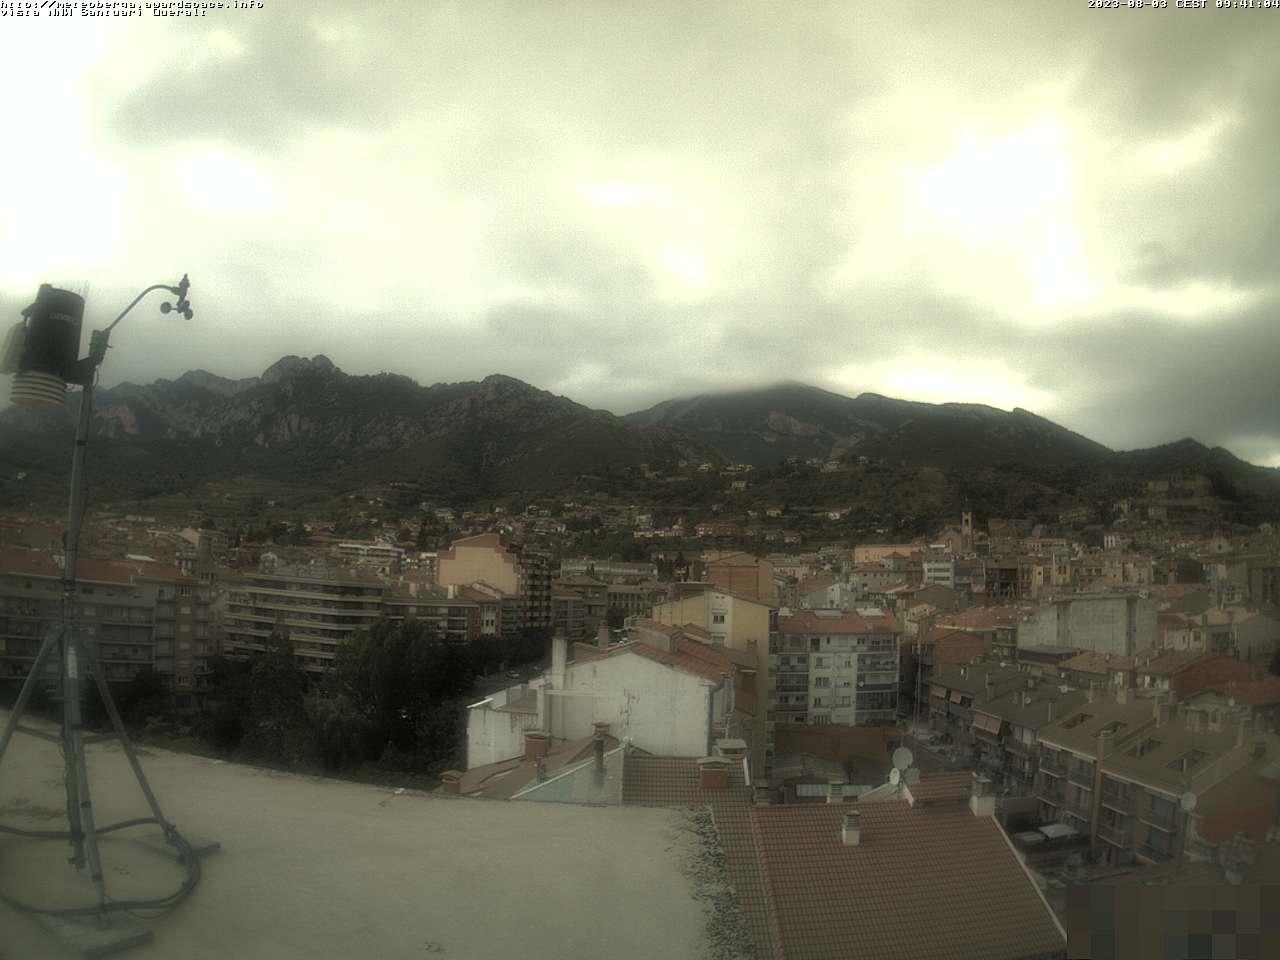 Berga Live Cam, Spain – Panorama